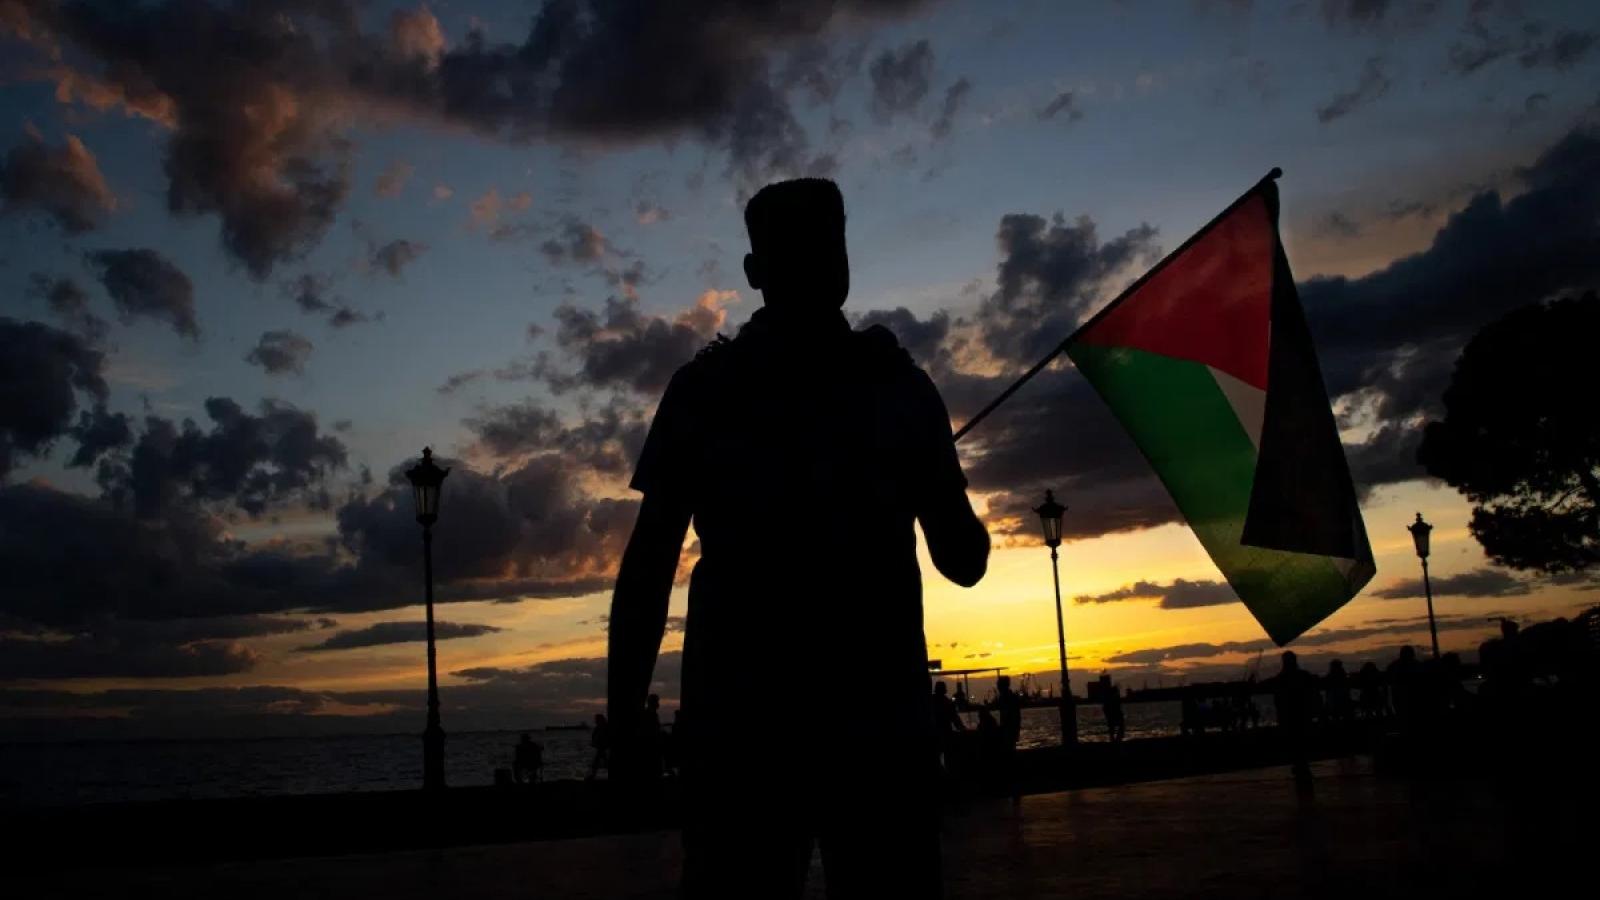 Phương án thay thế giải pháp 2 nhà nước đối với xung đột Israel-Palestine